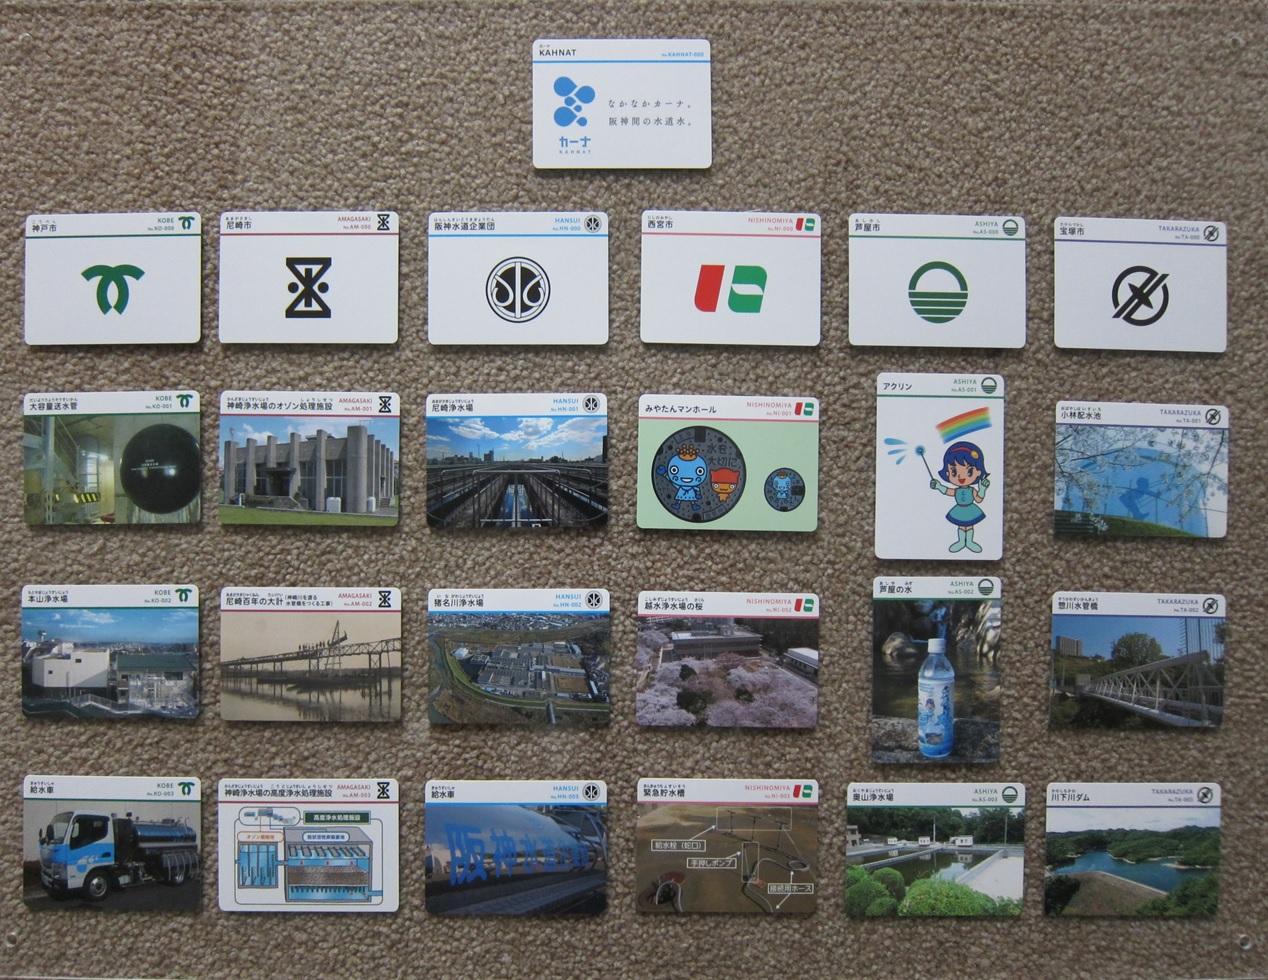 KAHNATカード全25種類の写真、ピュアリンや神戸市市章、神戸の風景、ゴミ収集車などがある